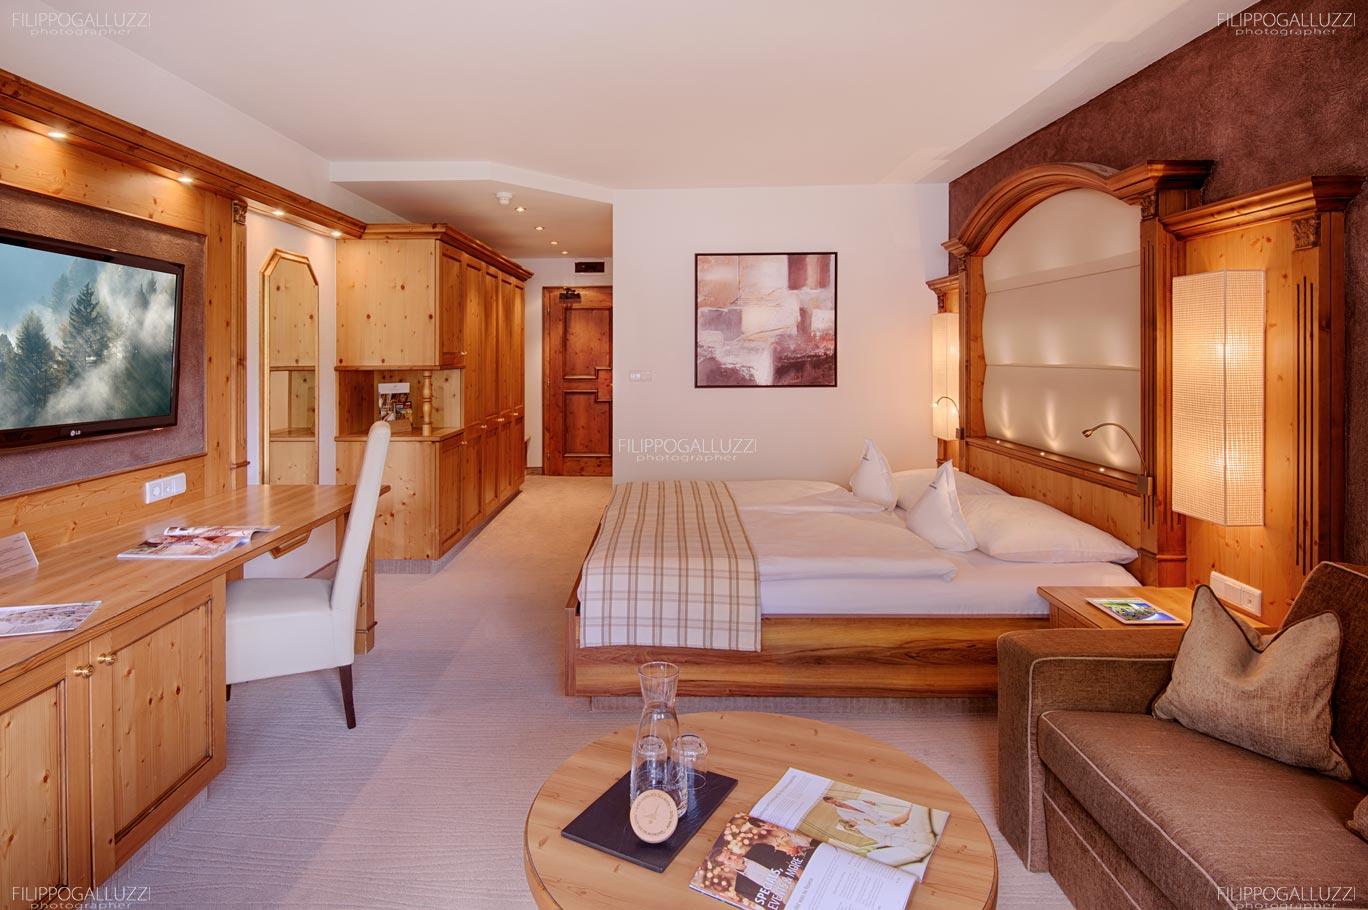 Valle Aurina,Hotel Südtirol Wellness Schwarzenstein ****s